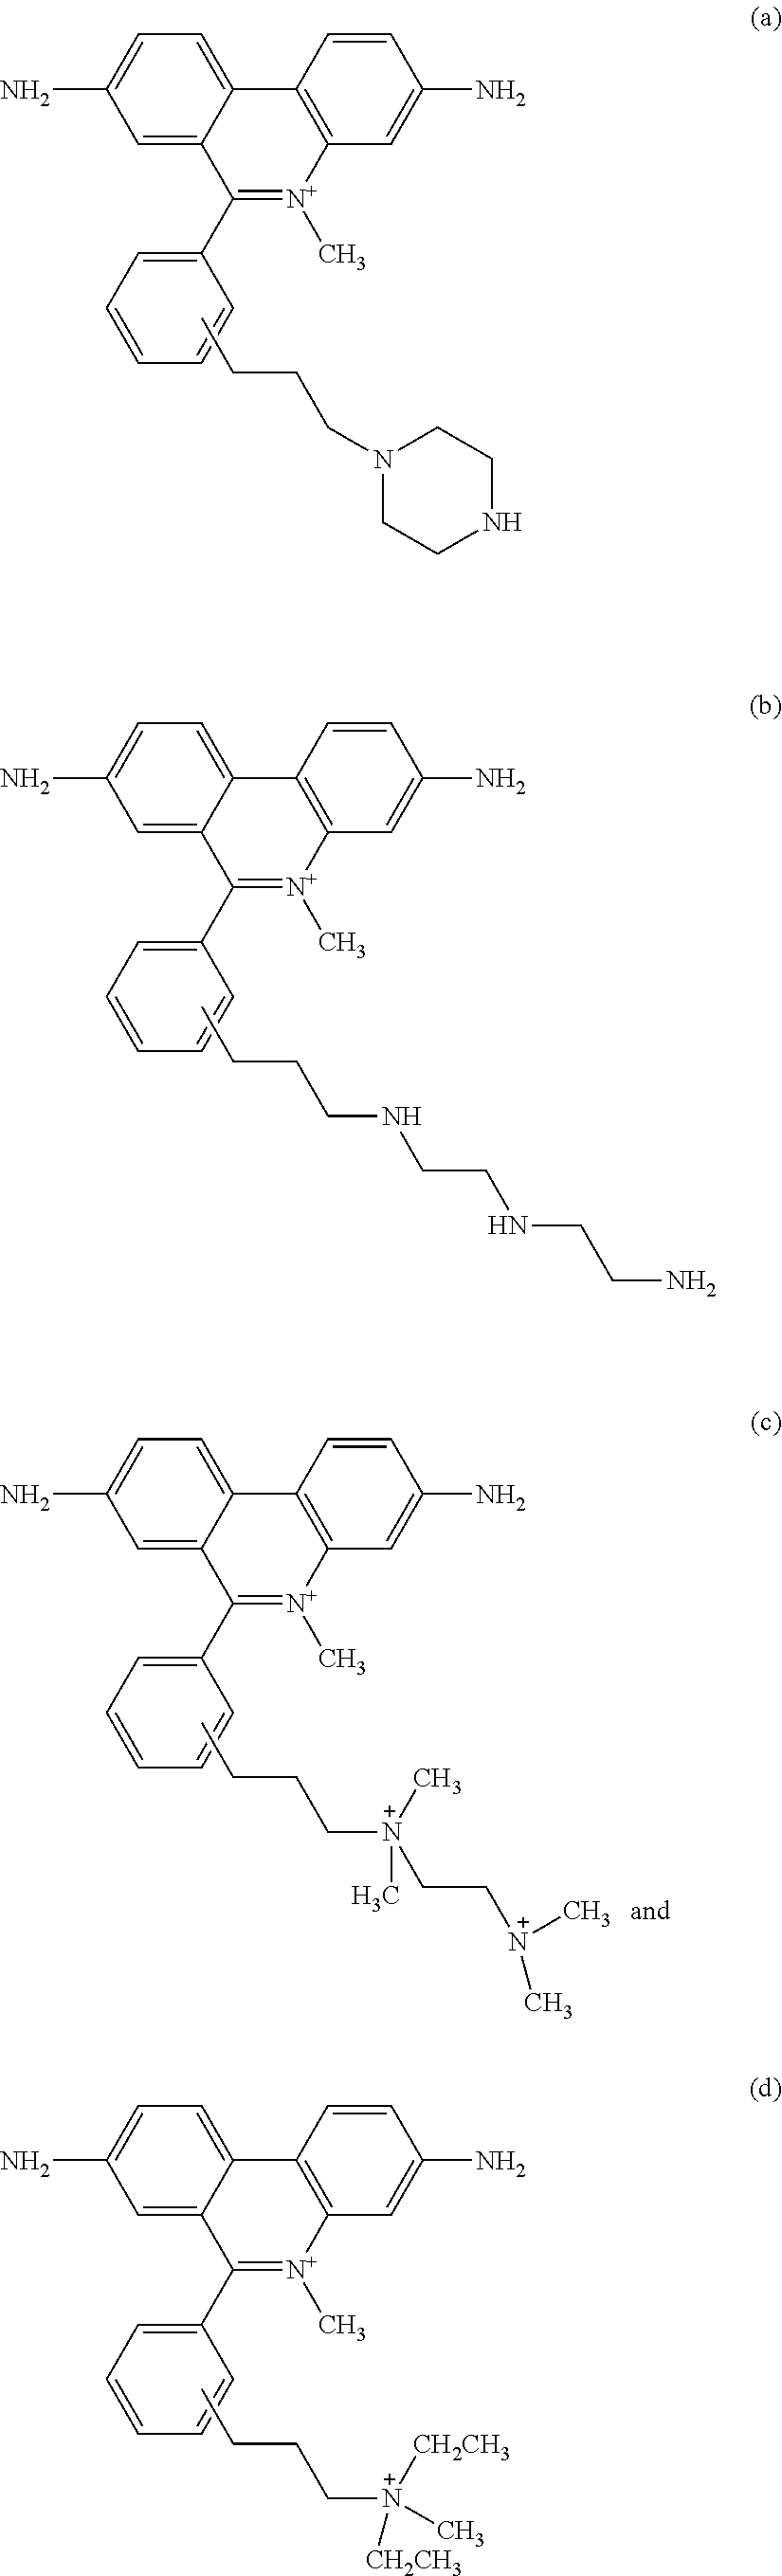 Figure US20110098441A1-20110428-C00008